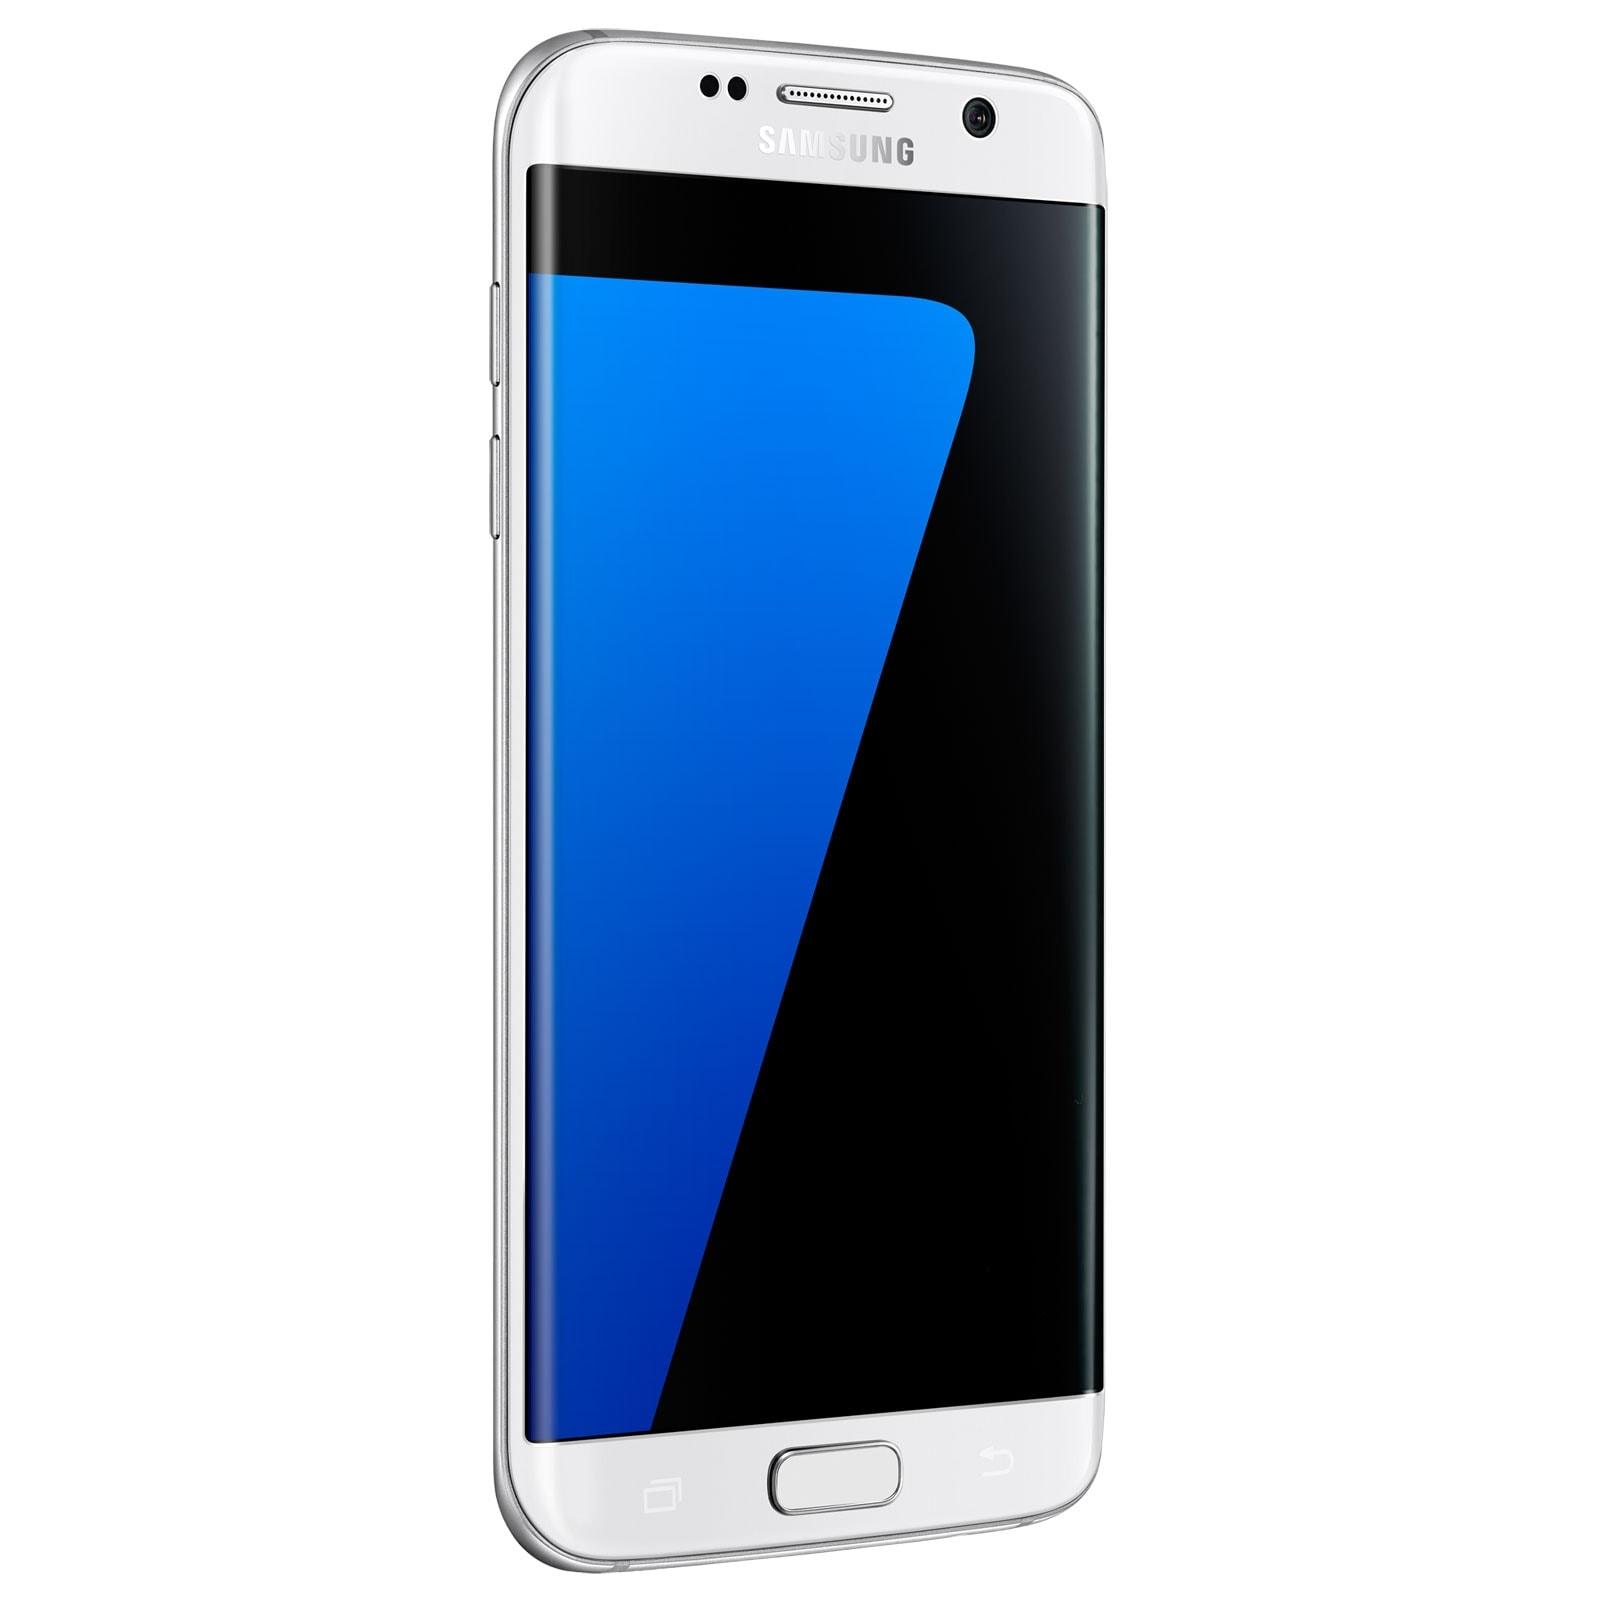 Samsung Galaxy S7 Edge 32Go G935F White (SM-G935FZWAXEF) - Achat / Vente Téléphonie sur Cybertek.fr - 0